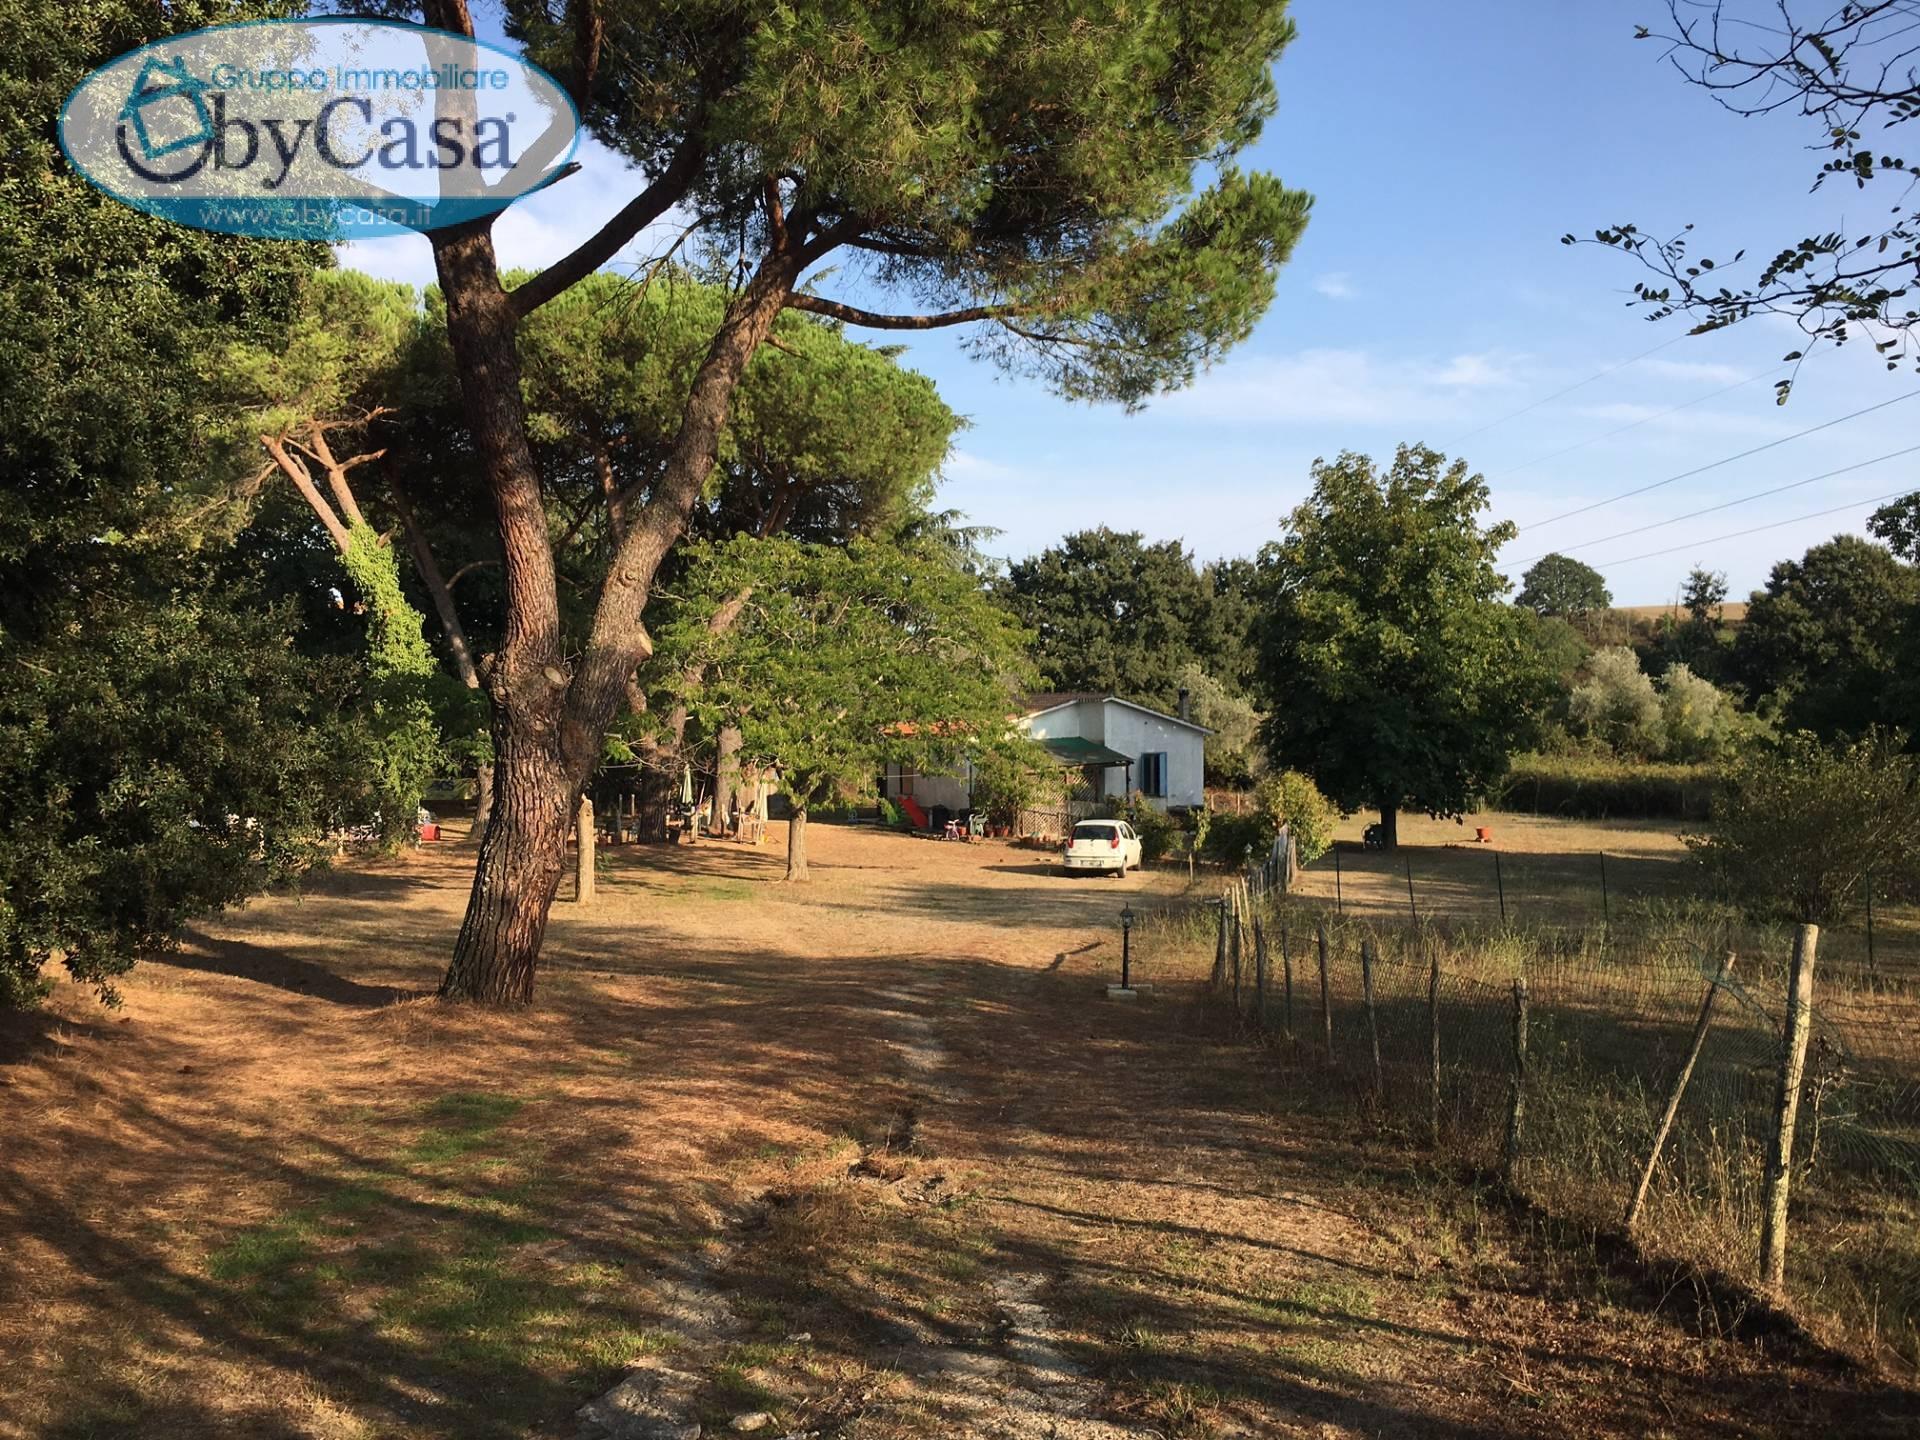 Soluzione Indipendente in vendita a Bracciano, 3 locali, zona Località: LaRinascente, prezzo € 135.000   CambioCasa.it